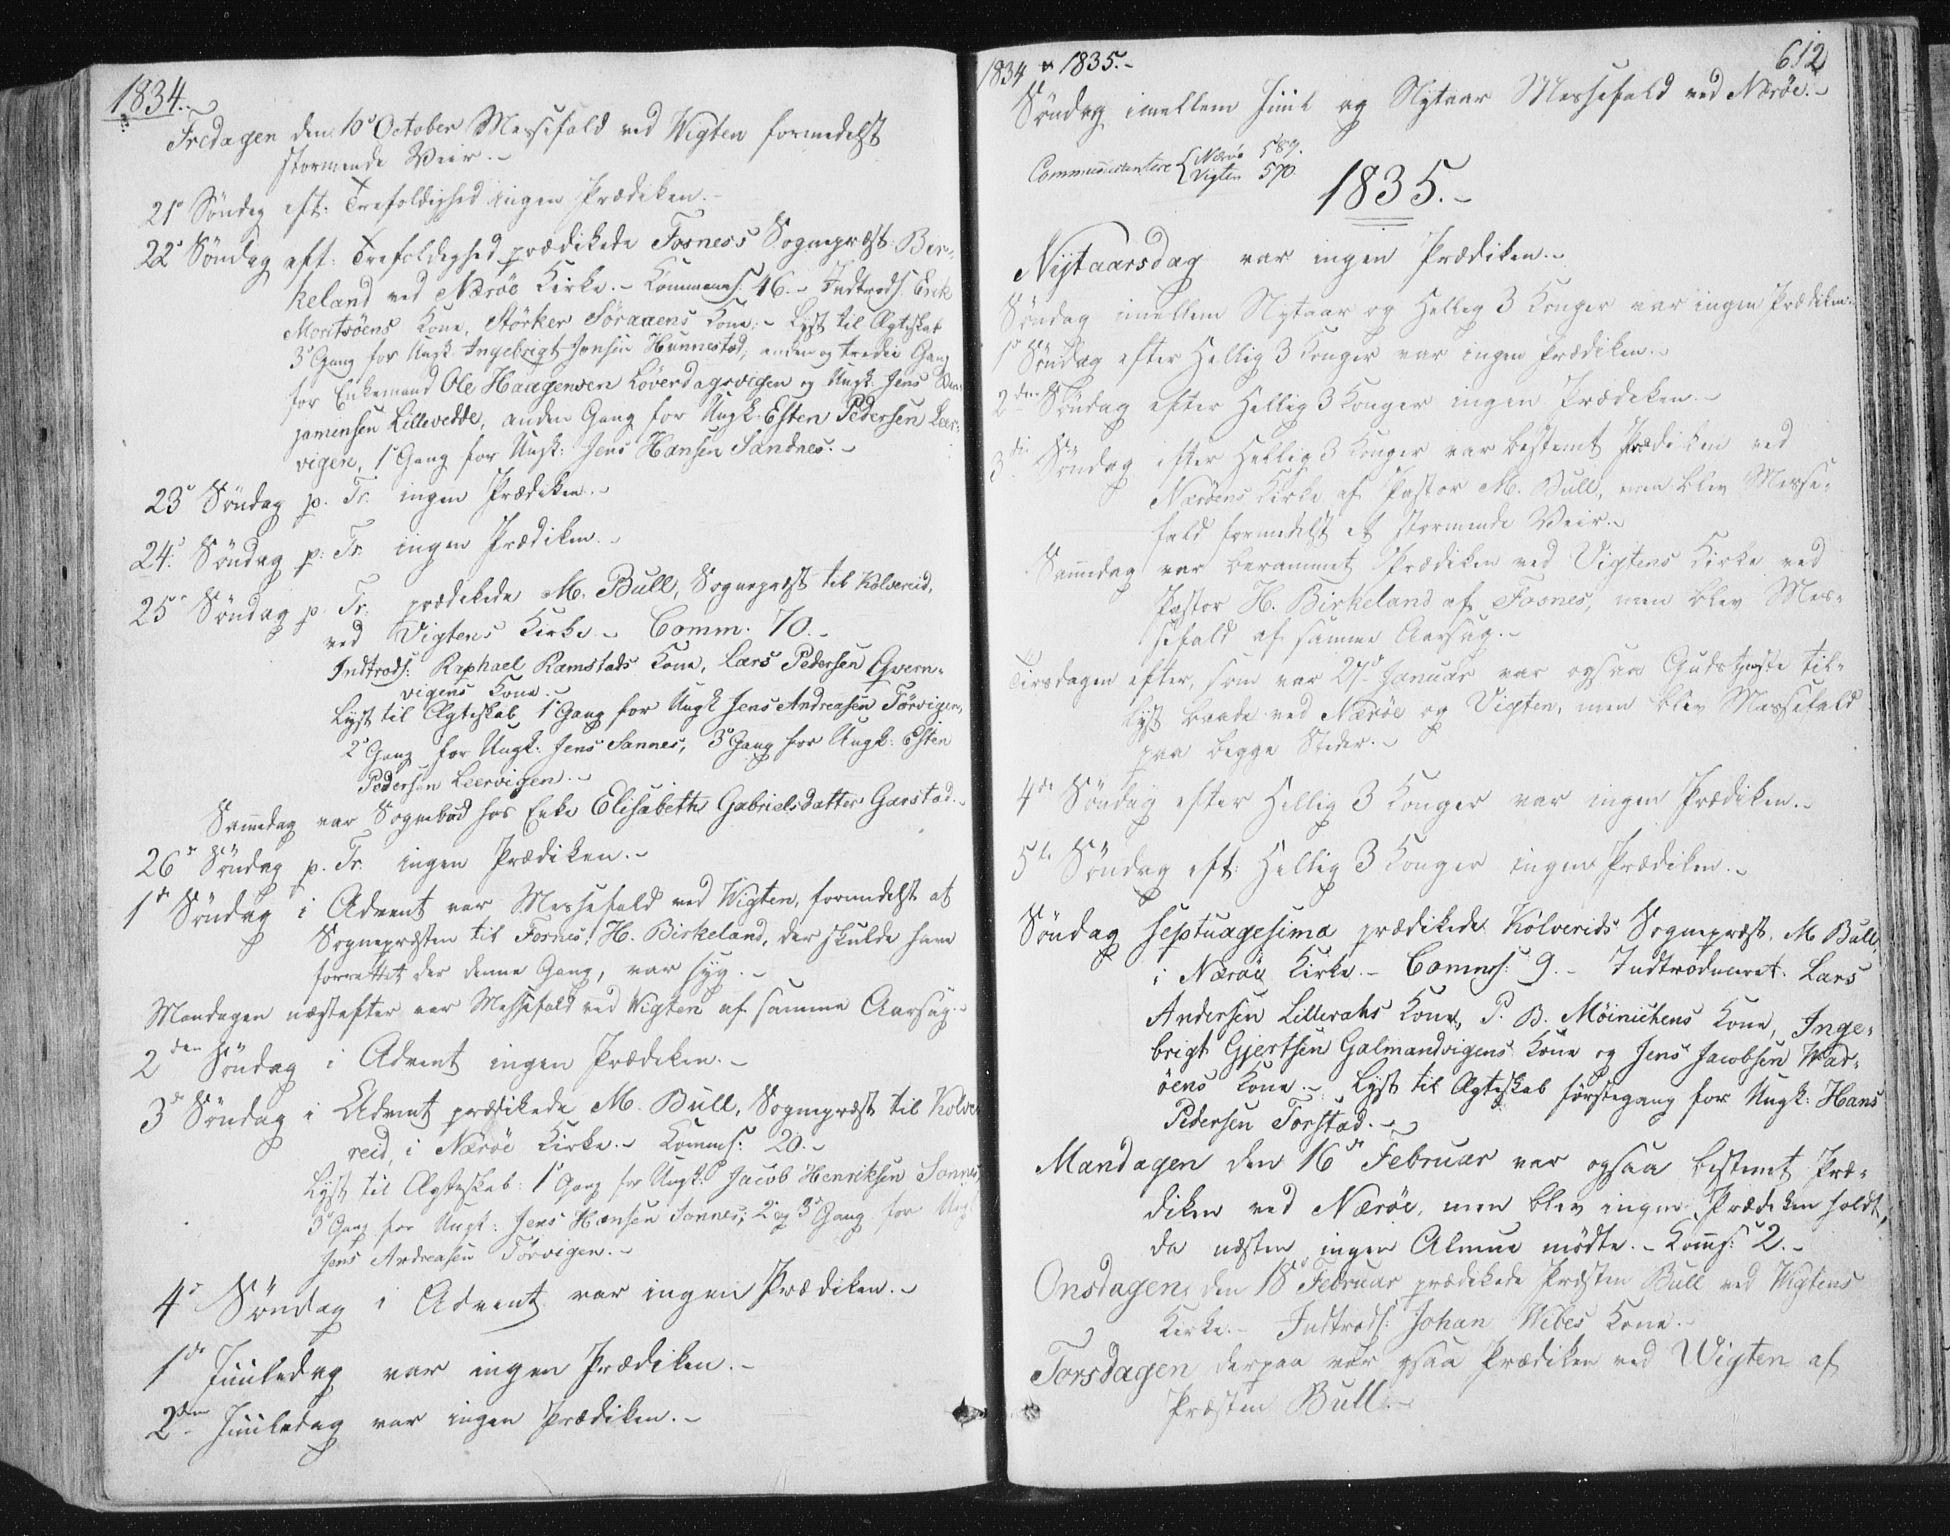 SAT, Ministerialprotokoller, klokkerbøker og fødselsregistre - Nord-Trøndelag, 784/L0669: Ministerialbok nr. 784A04, 1829-1859, s. 612